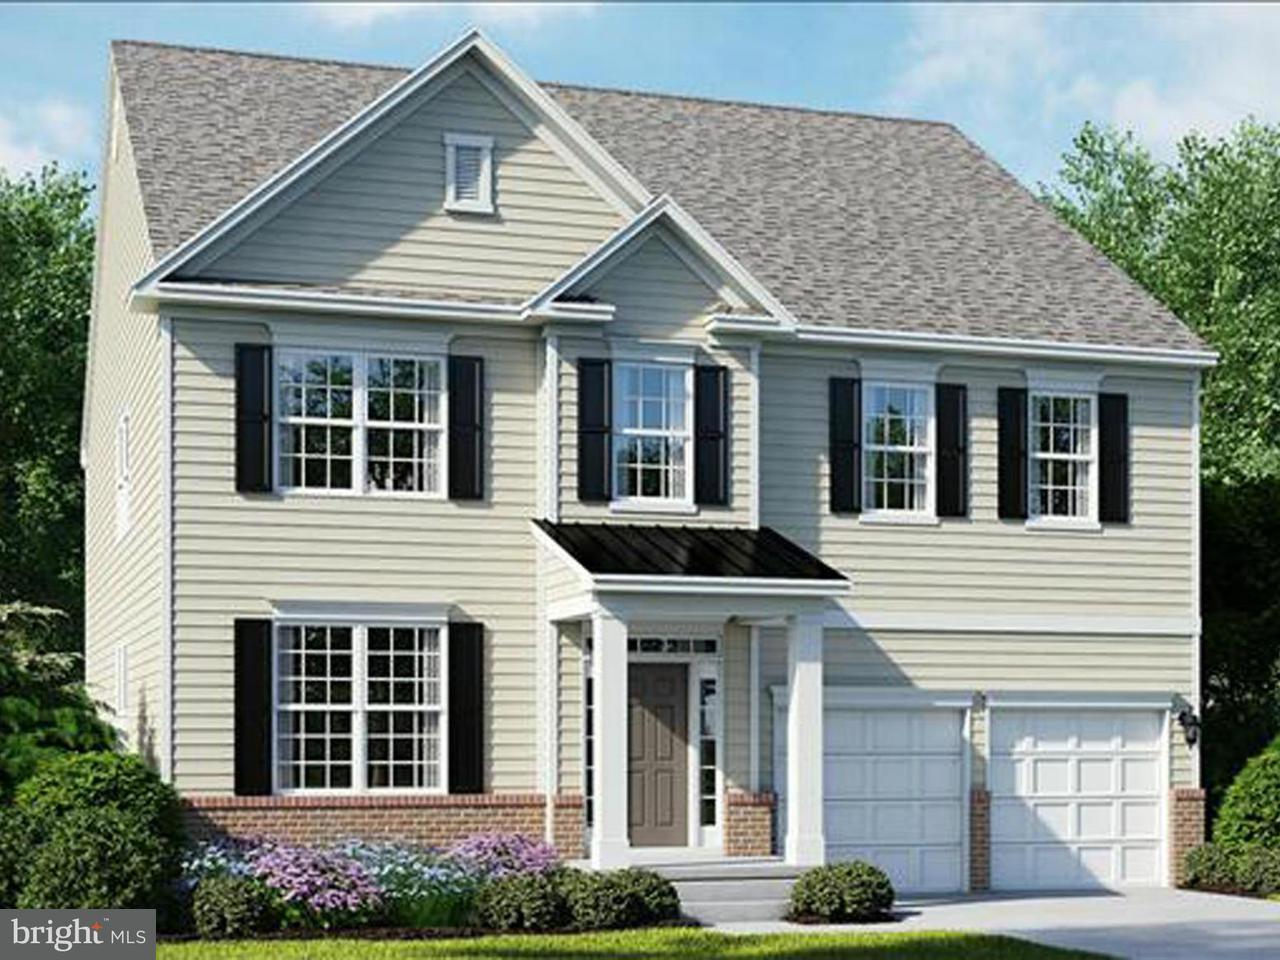 Casa Unifamiliar por un Venta en 383 MORGAN RUN Road 383 MORGAN RUN Road Middle River, Maryland 21220 Estados Unidos